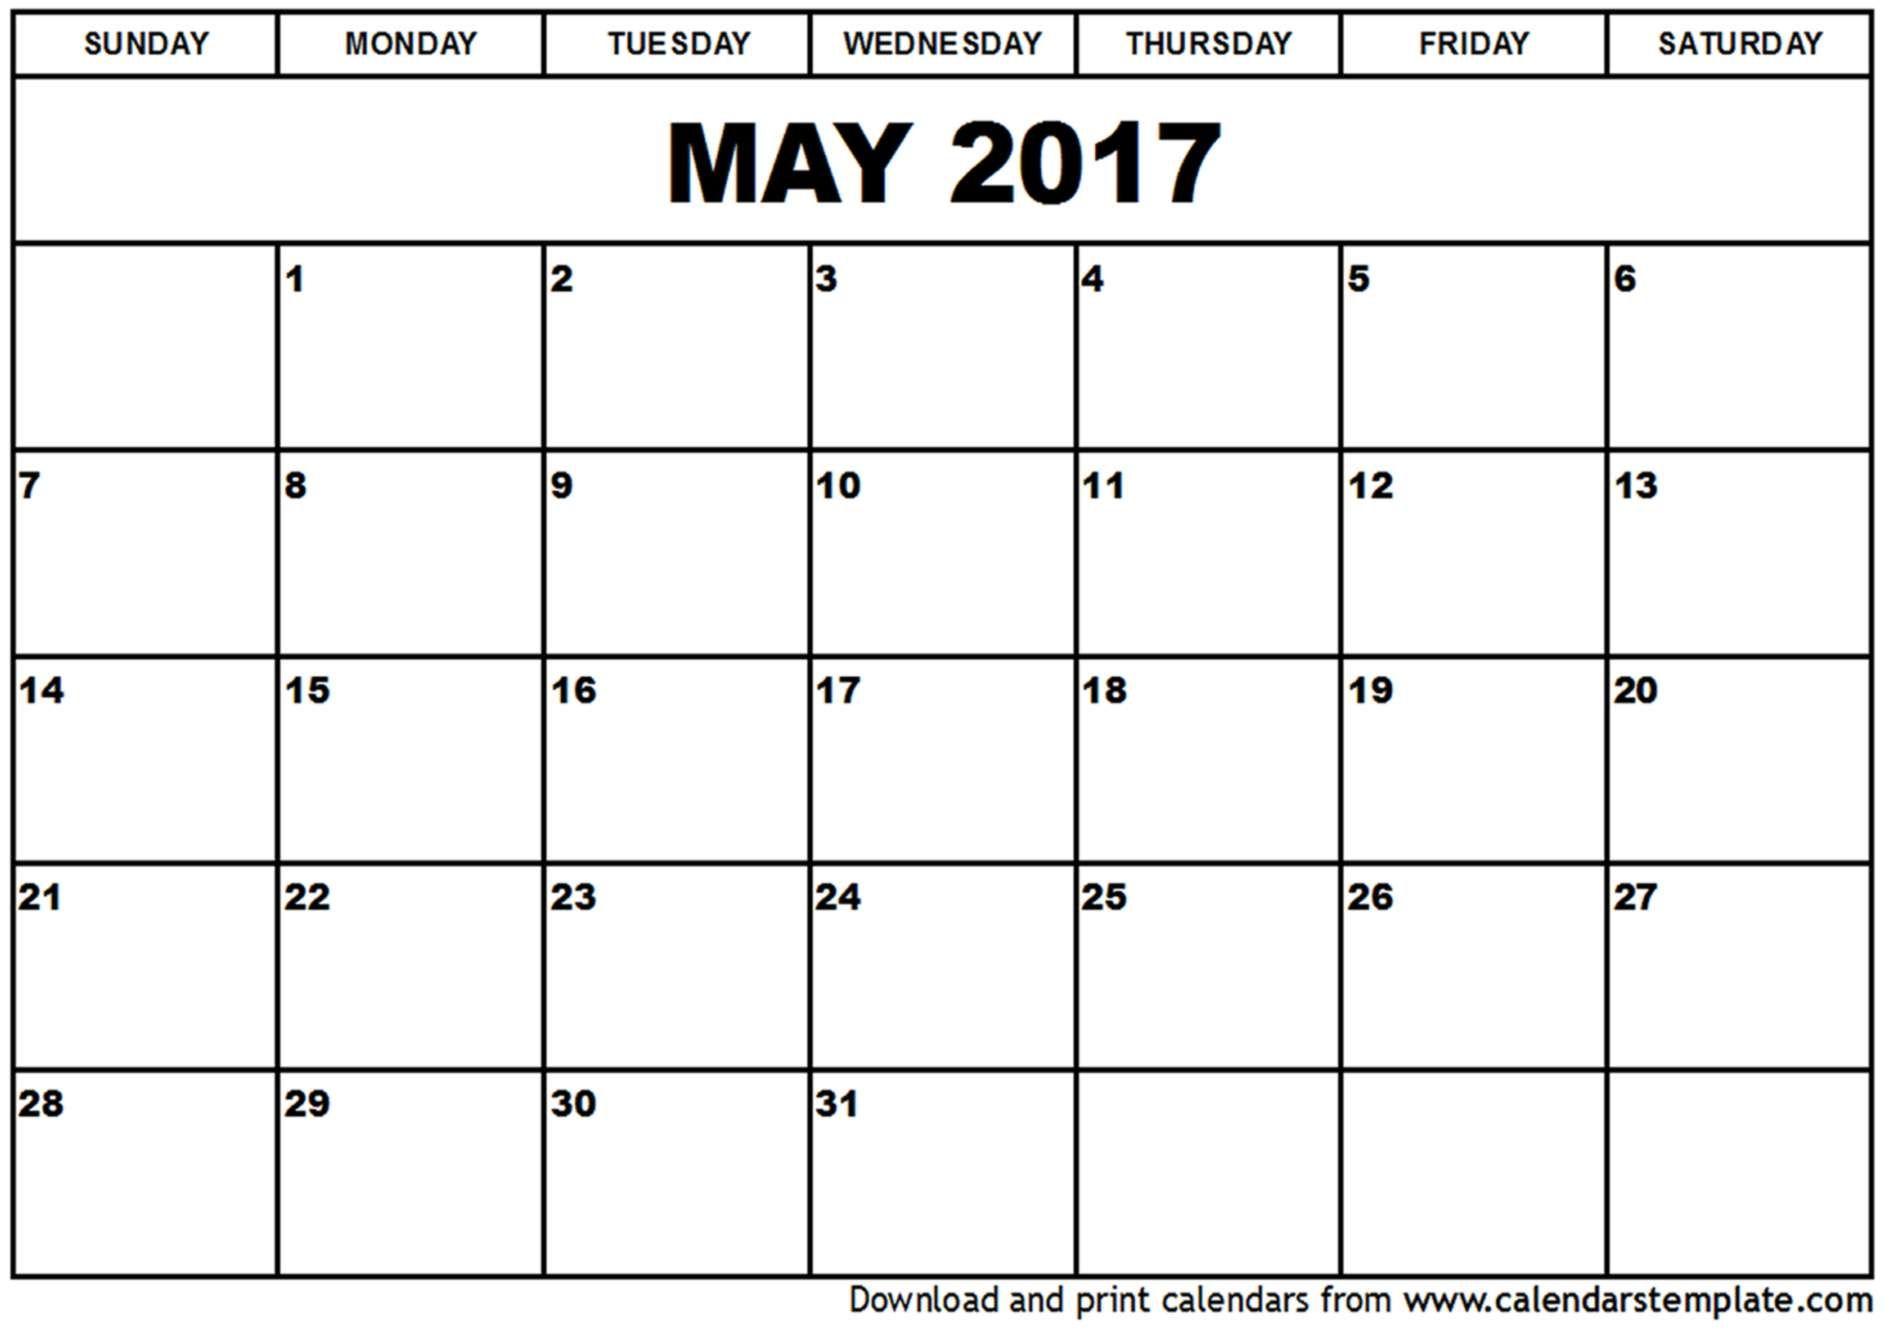 May 2017 calendar template | Organization Ideas | Pinterest